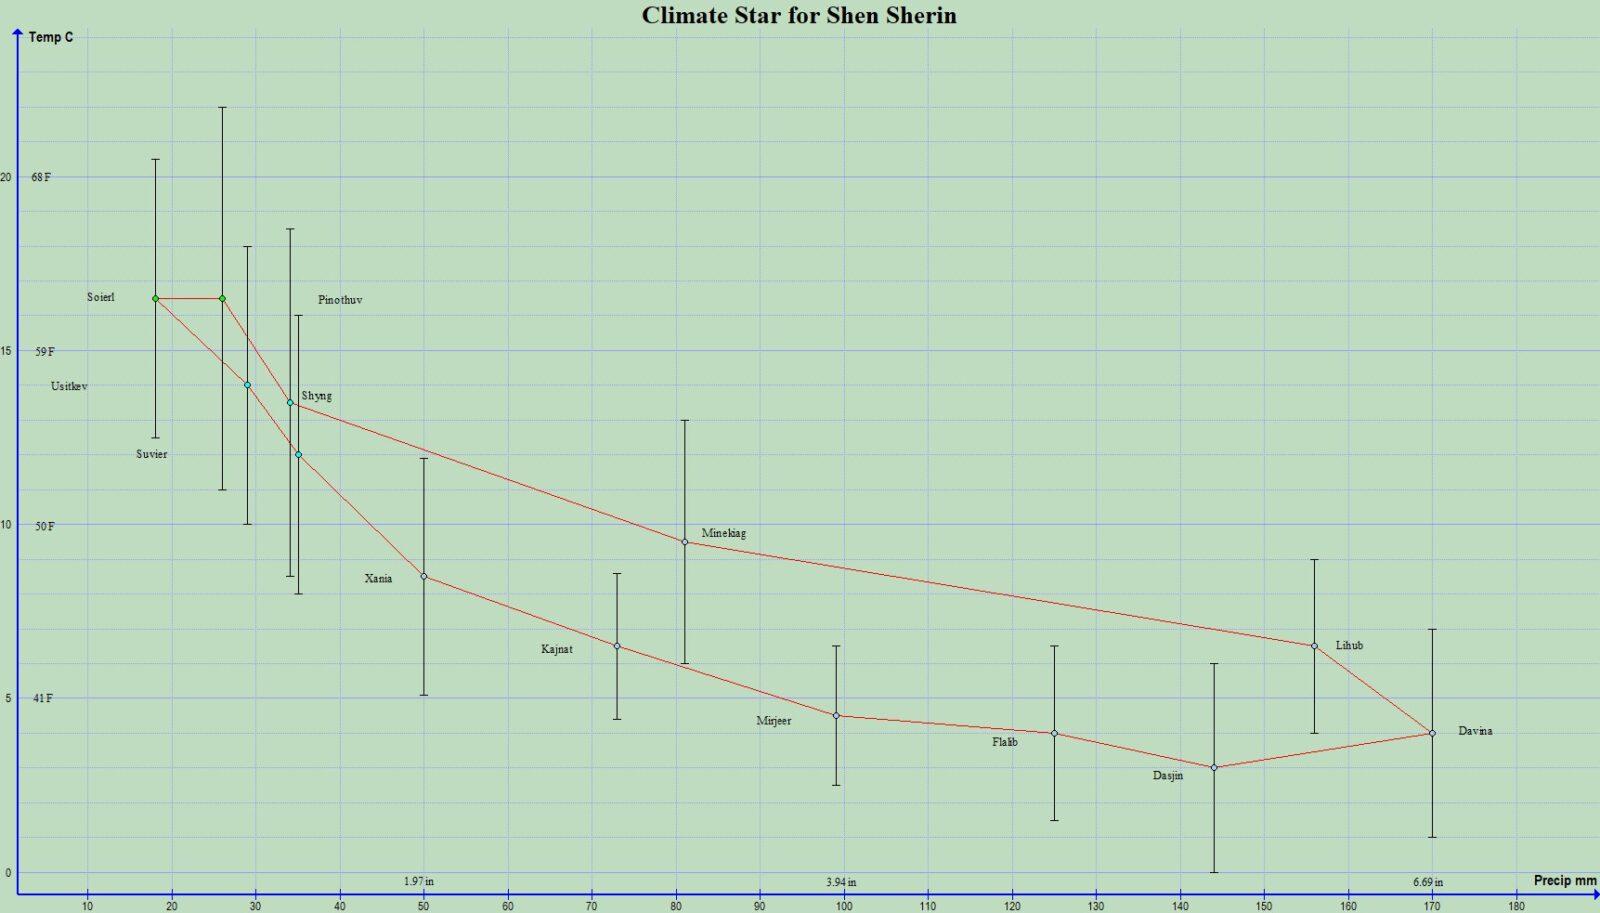 Shen Sherin annual climate.